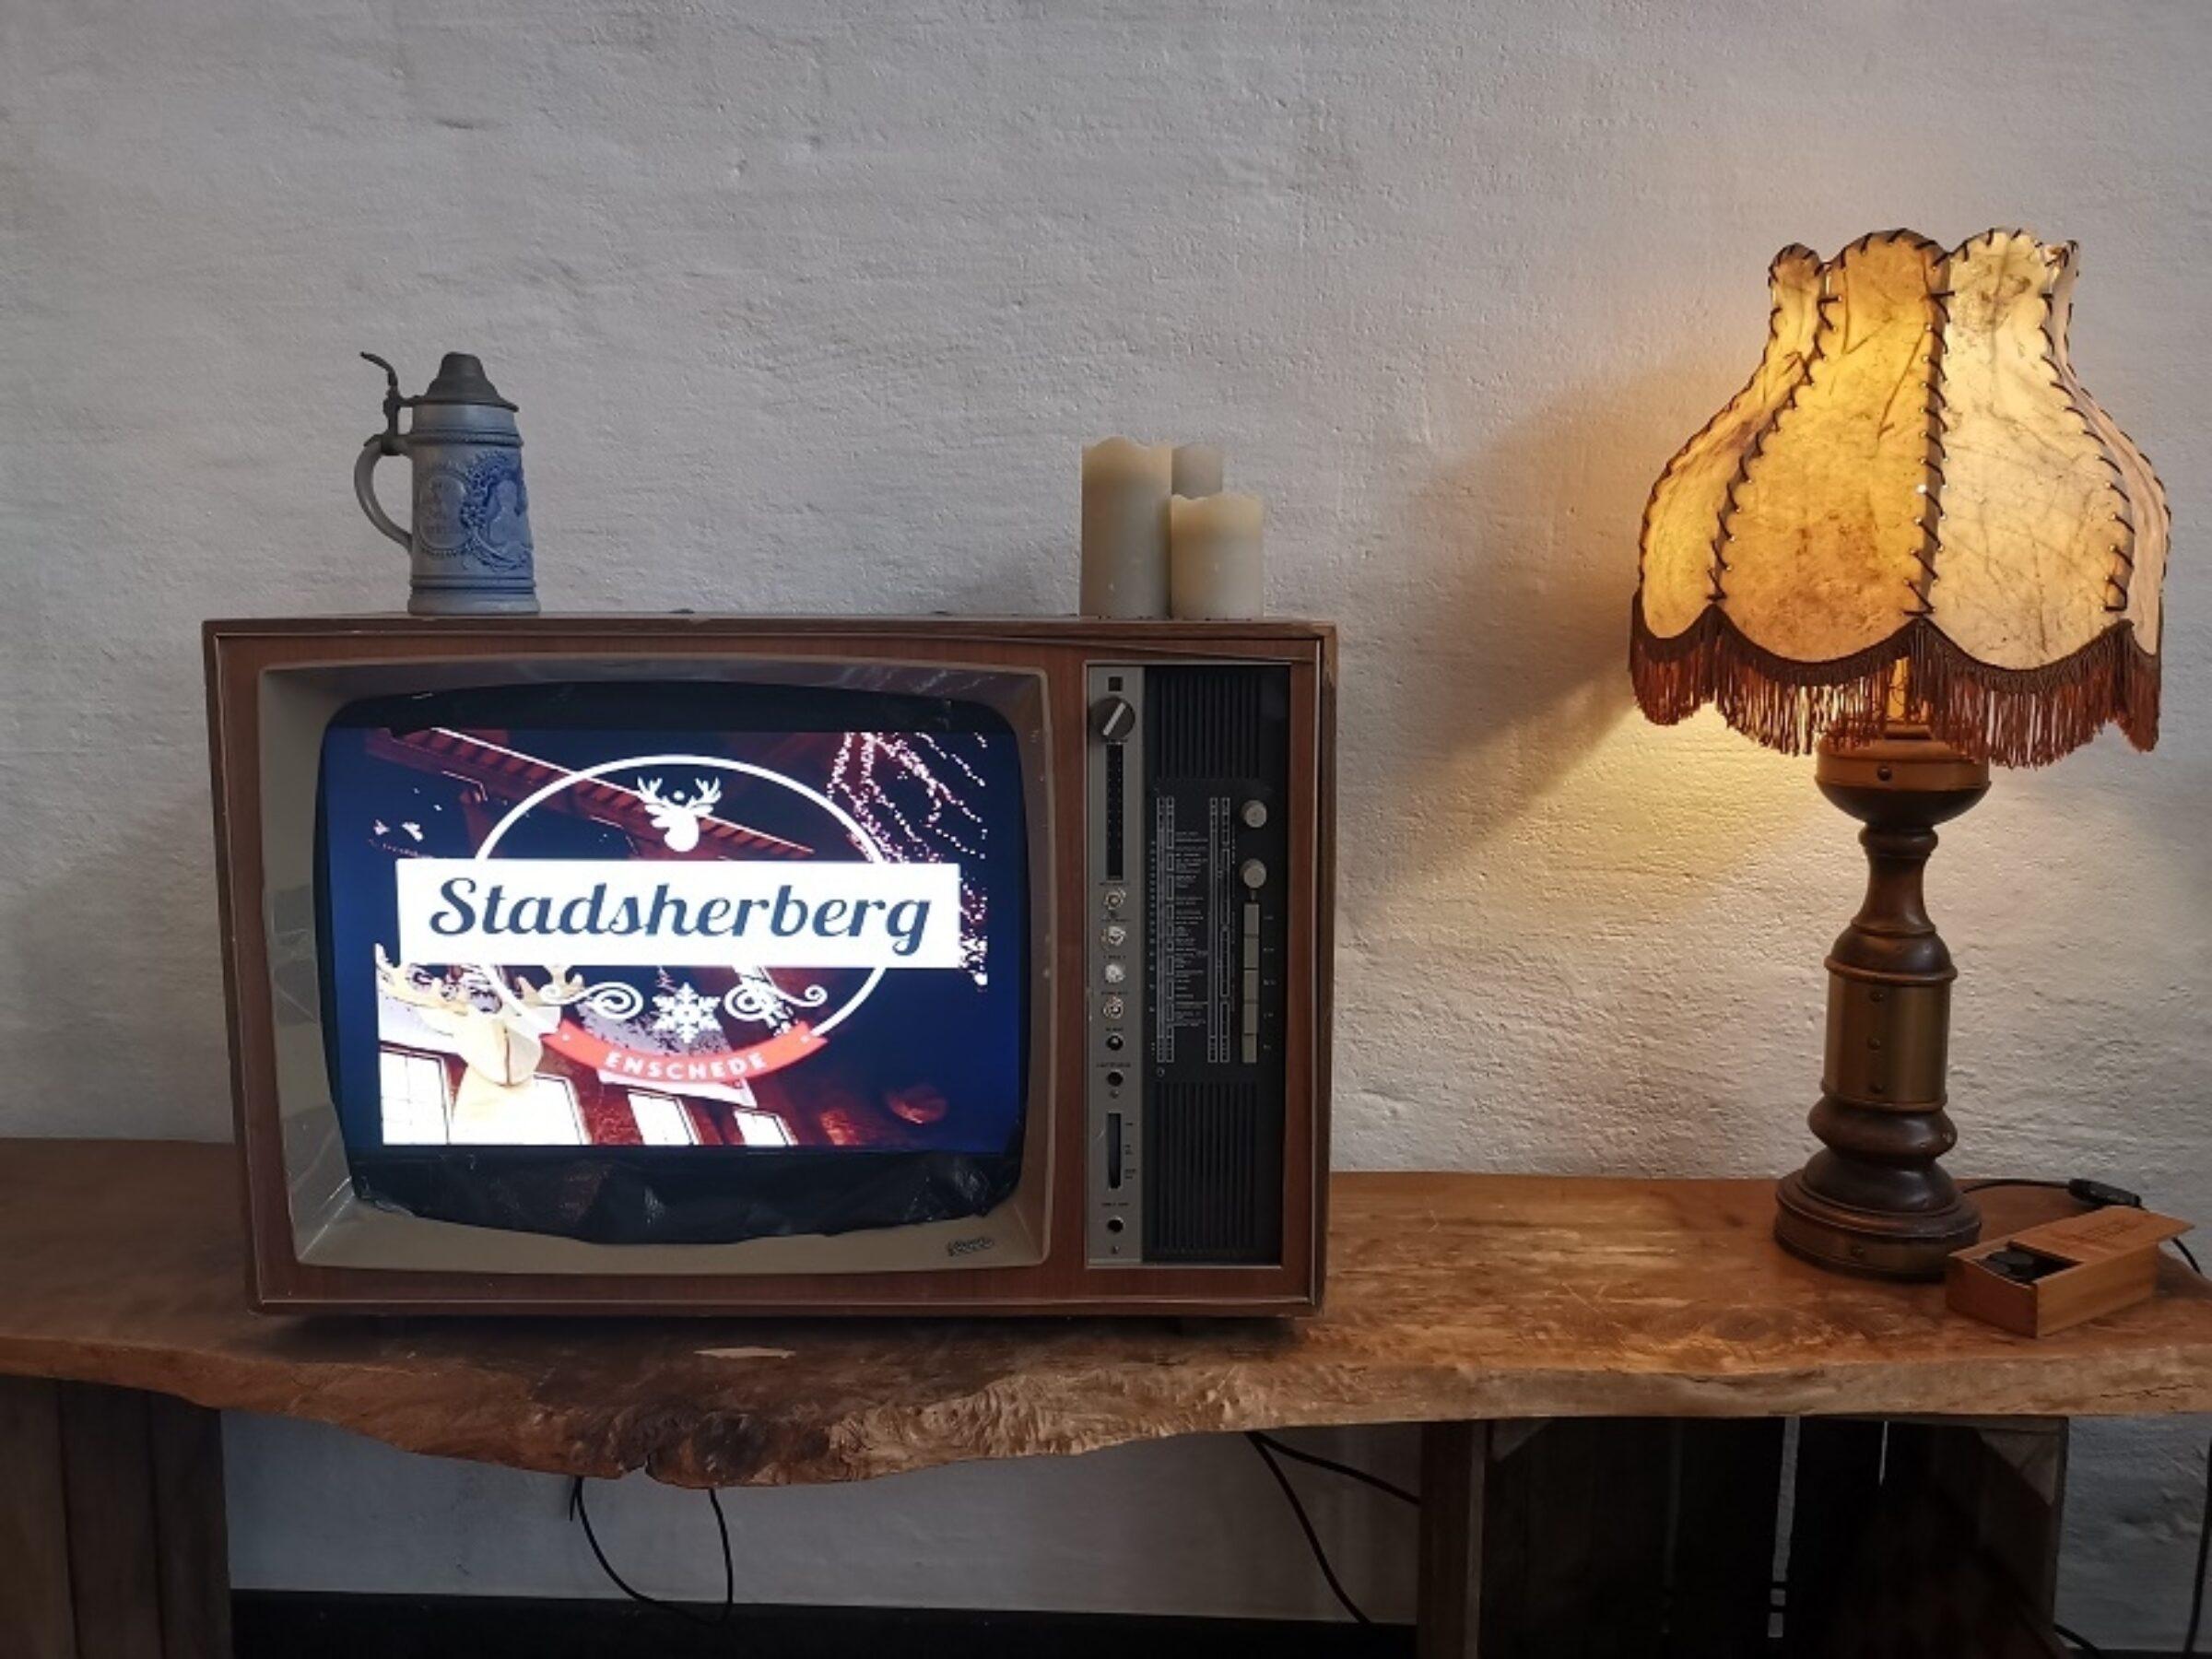 Stadsherberg video